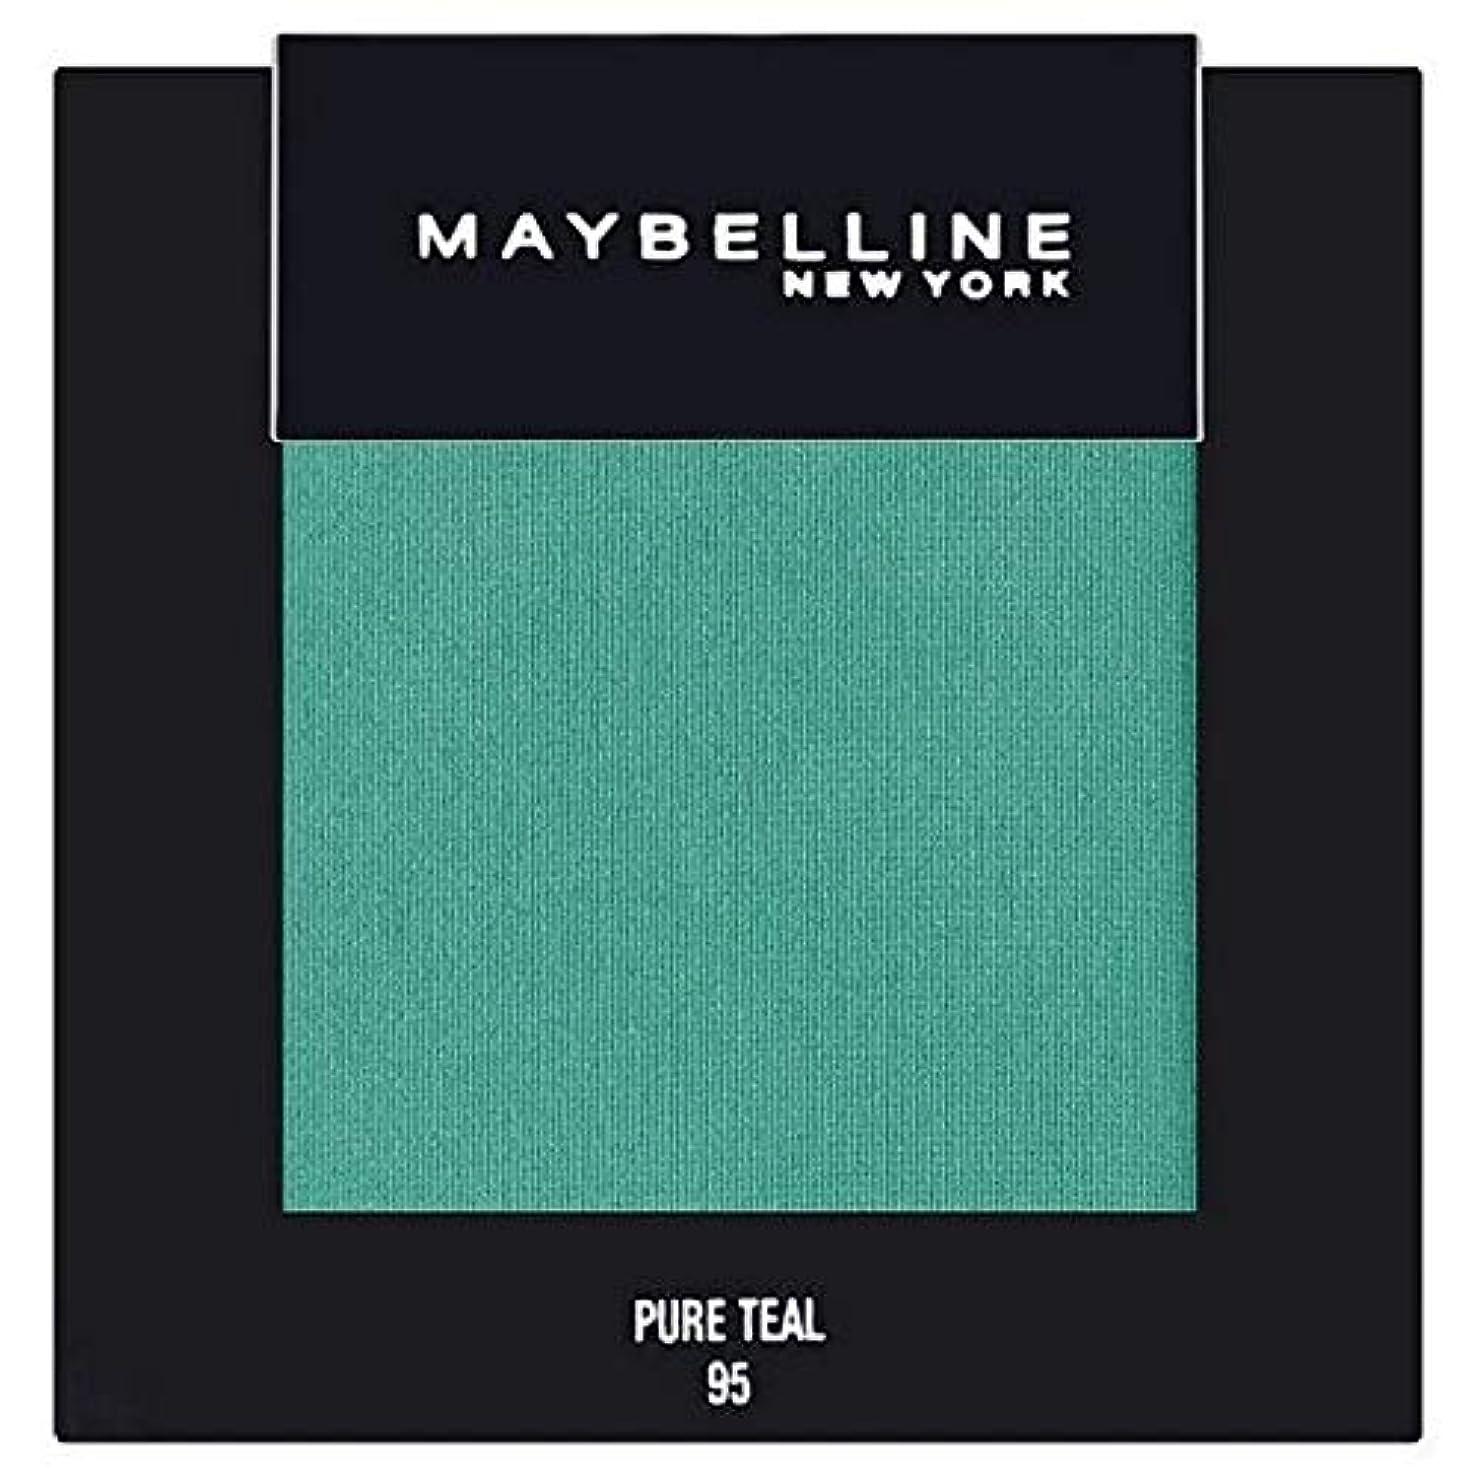 安西ティームシャイニング[Maybelline ] メイベリンカラーショー単一グリーンアイシャドウ95純粋ティール - Maybelline Color Show Single Green Eyeshadow 95 Pure Teal [並行輸入品]